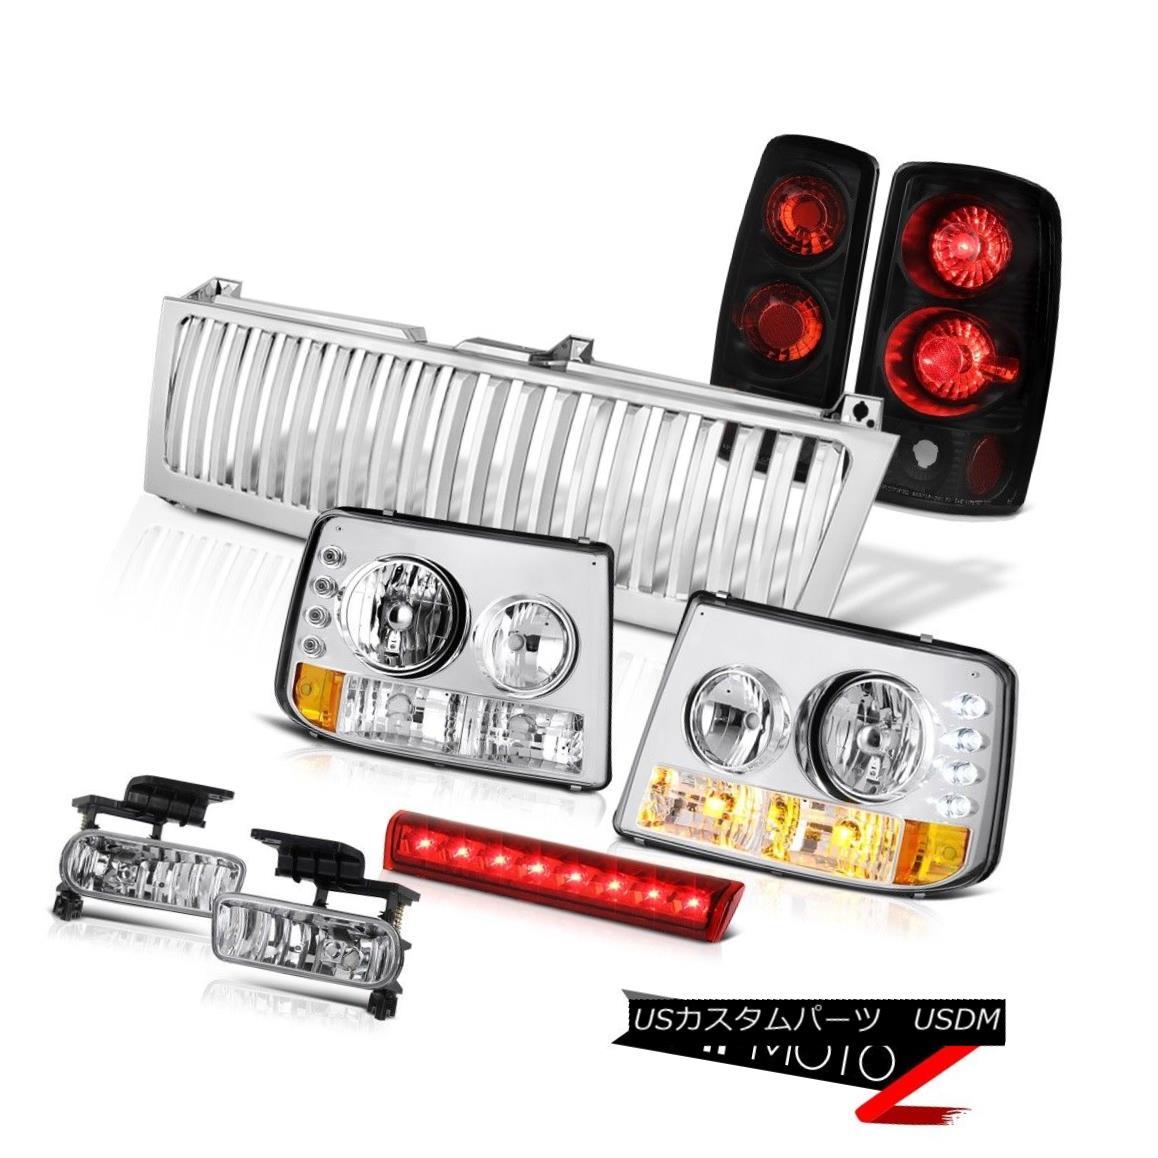 テールライト Bumper+Headlamps Tail Brake Lamps Fog Third Cargo LED Grille 00-06 Tahoe Euro バンパー+ヘッドラム psテールブレーキランプフォグ第3貨物LEDグリル00-06タホ・ユーロ